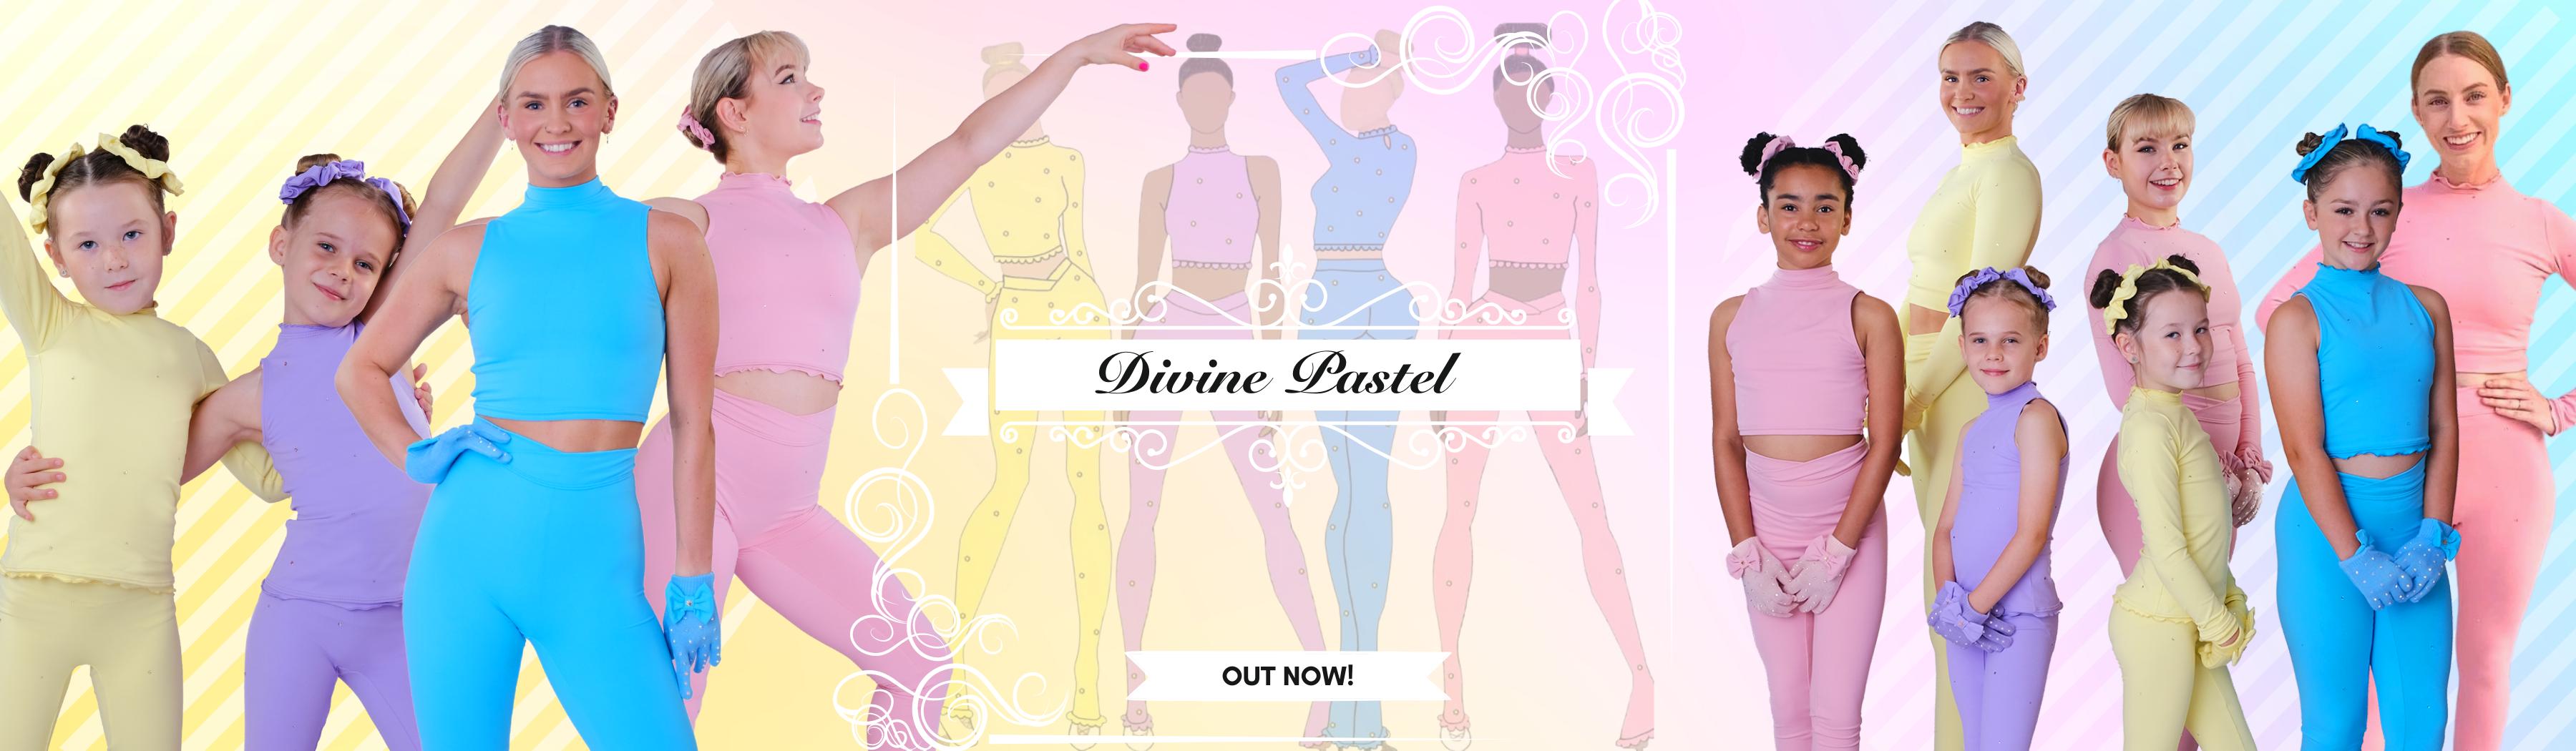 divine-pastel-banner2-1-.png